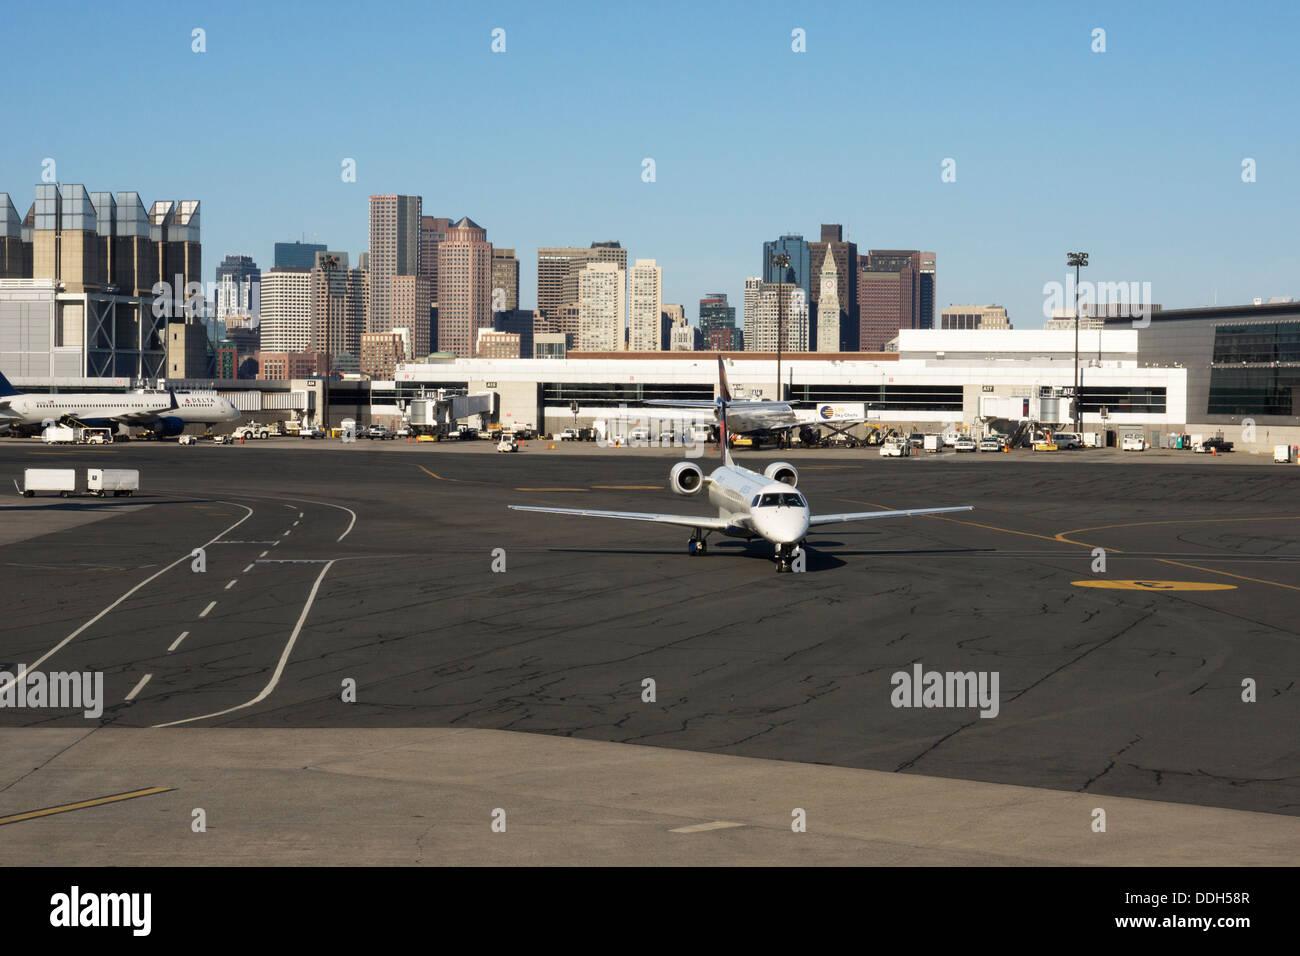 Los aviones que llegan al Aeropuerto Internacional Logan de Boston. Imagen De Stock